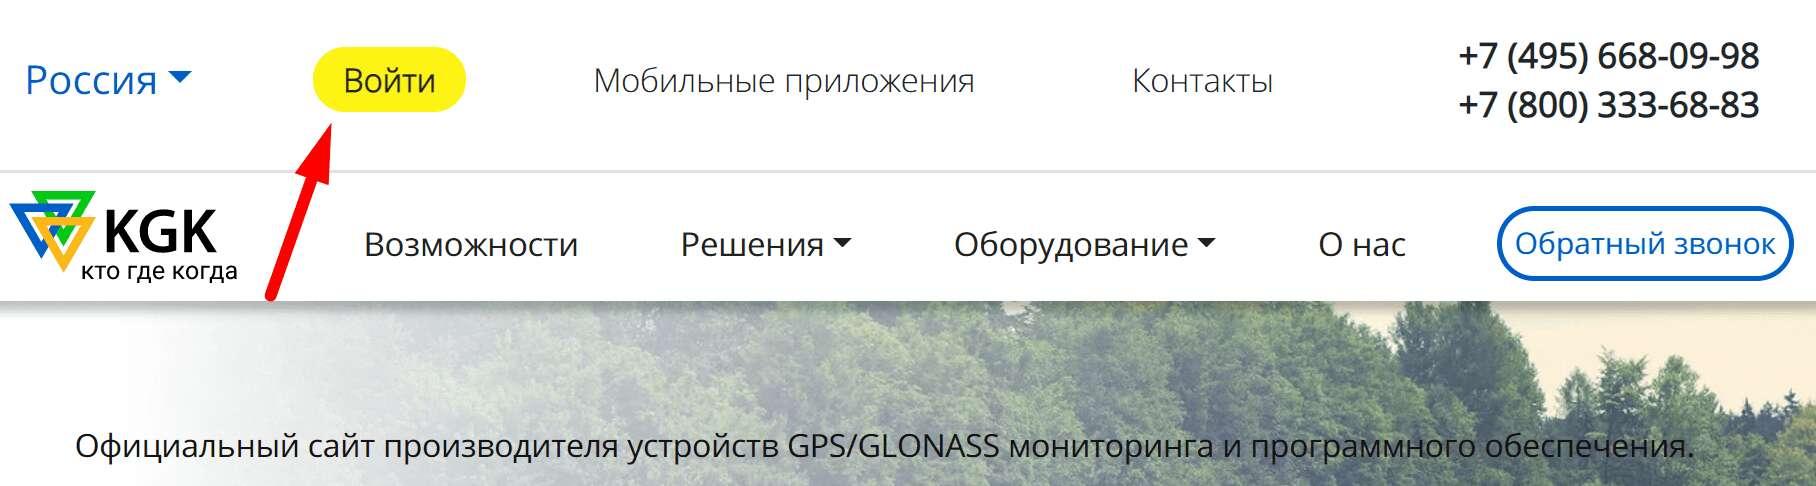 Ссылка на официальный сайт компании «KГK»